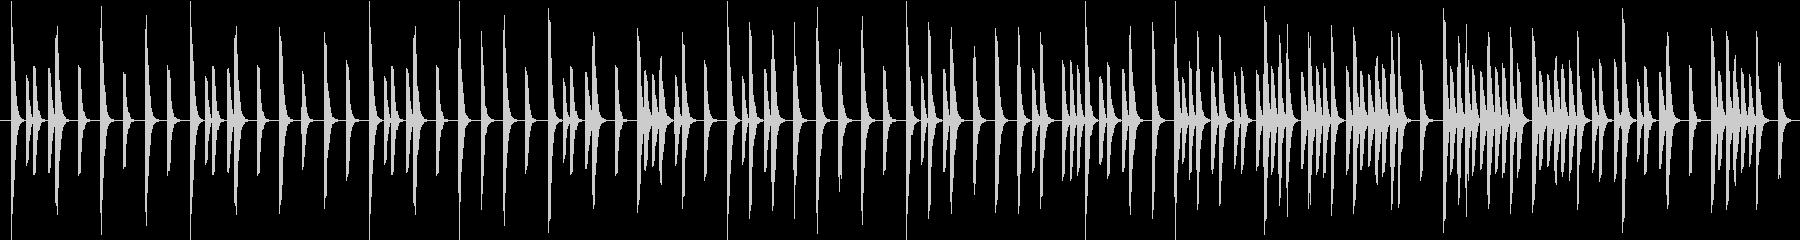 3 ファミコン時代のRPGの未再生の波形